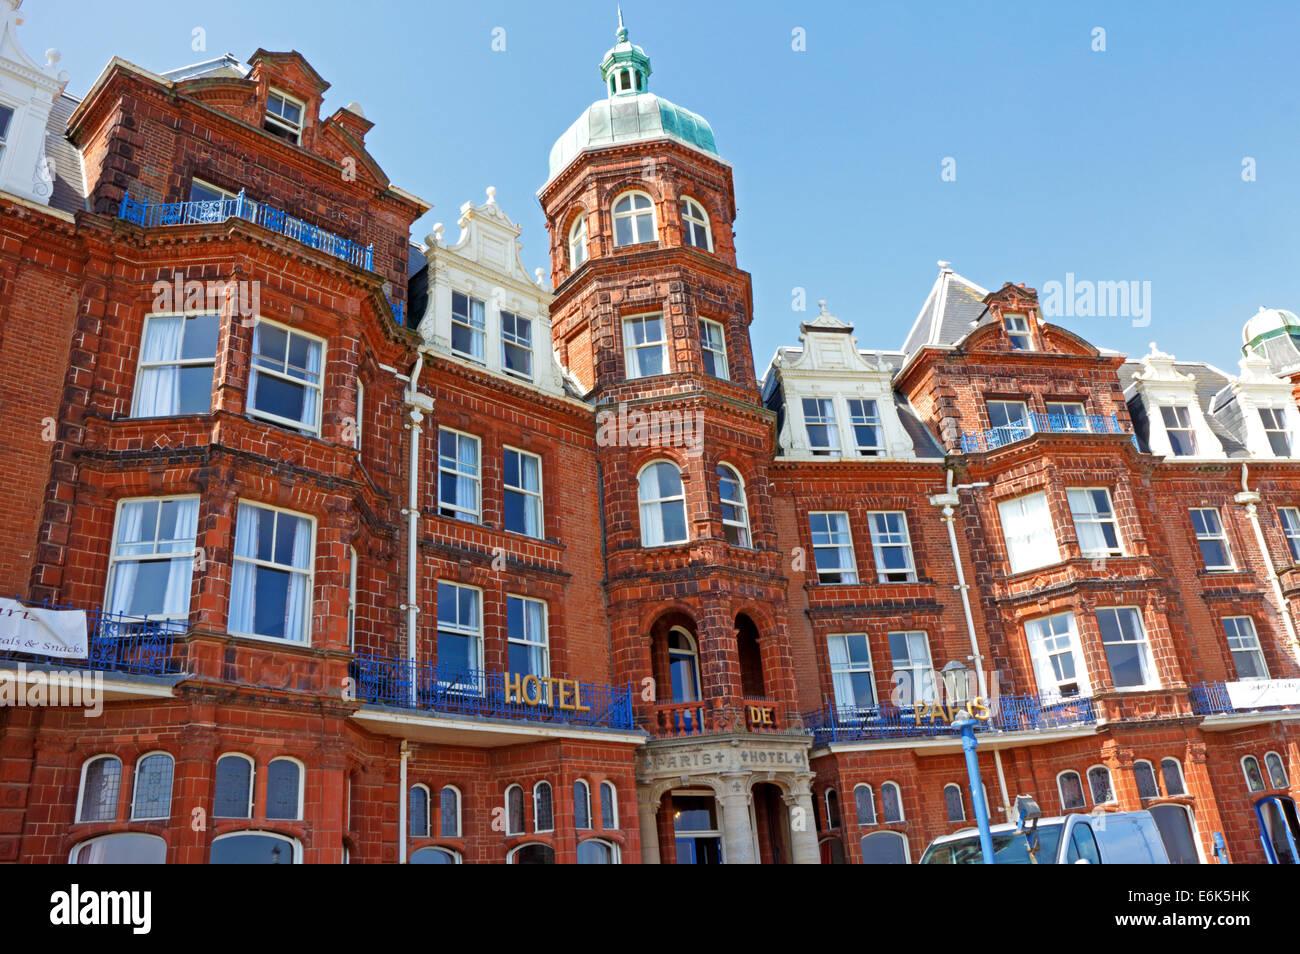 L'Hotel de Paris sul lungomare alla stazione balneare di Cromer, Norfolk, Inghilterra, Regno Unito. Foto Stock